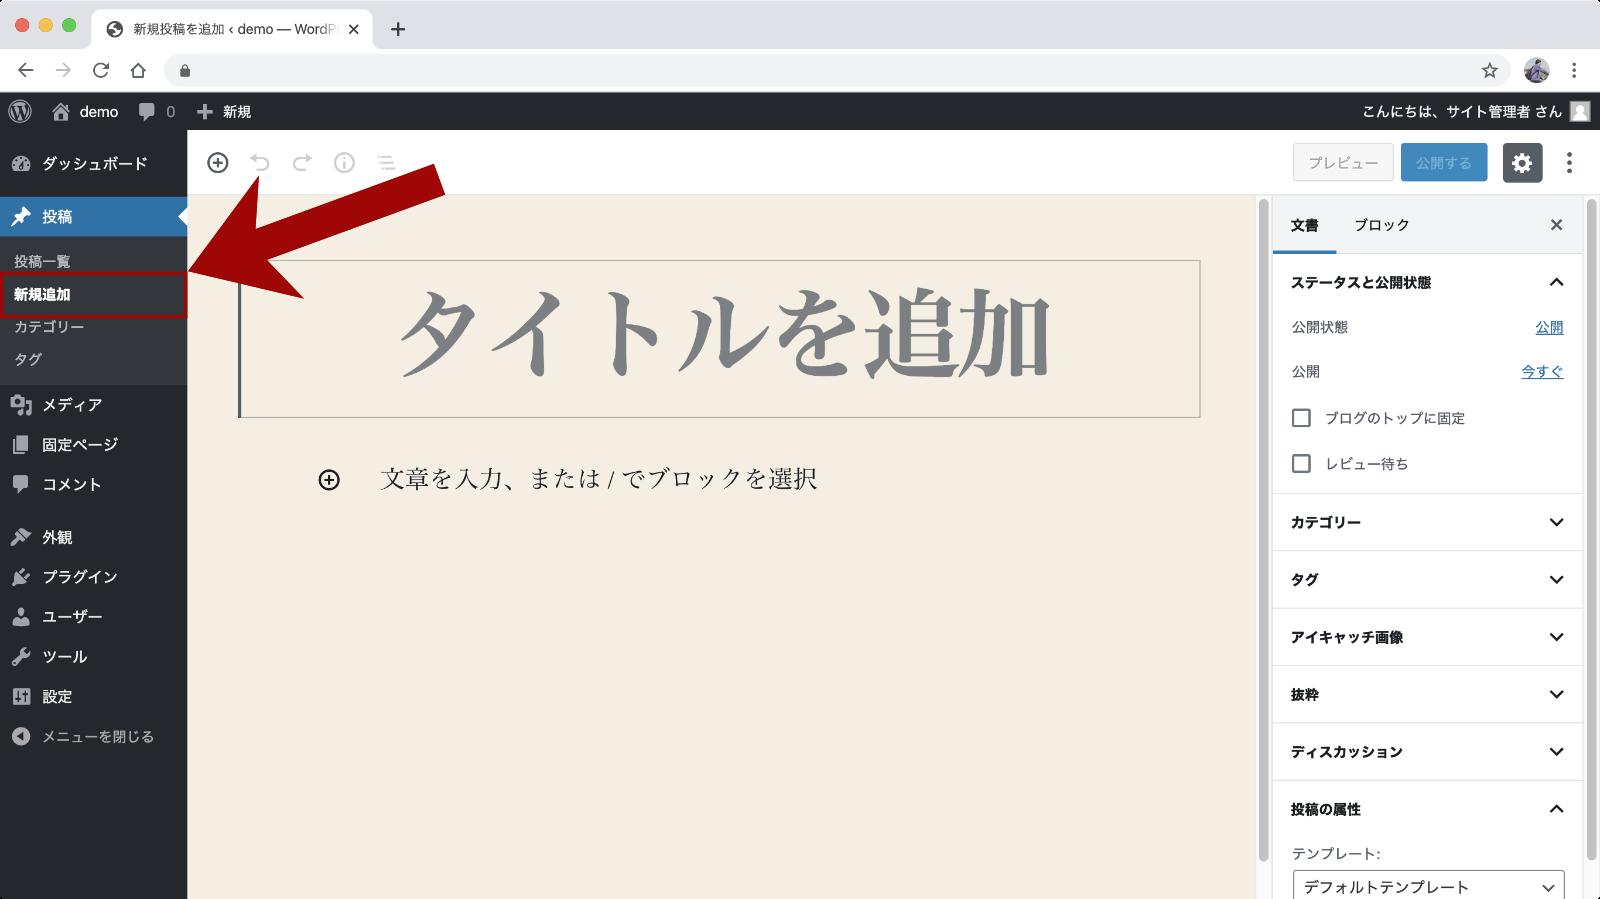 投稿→新規追加から投稿を新規追加する